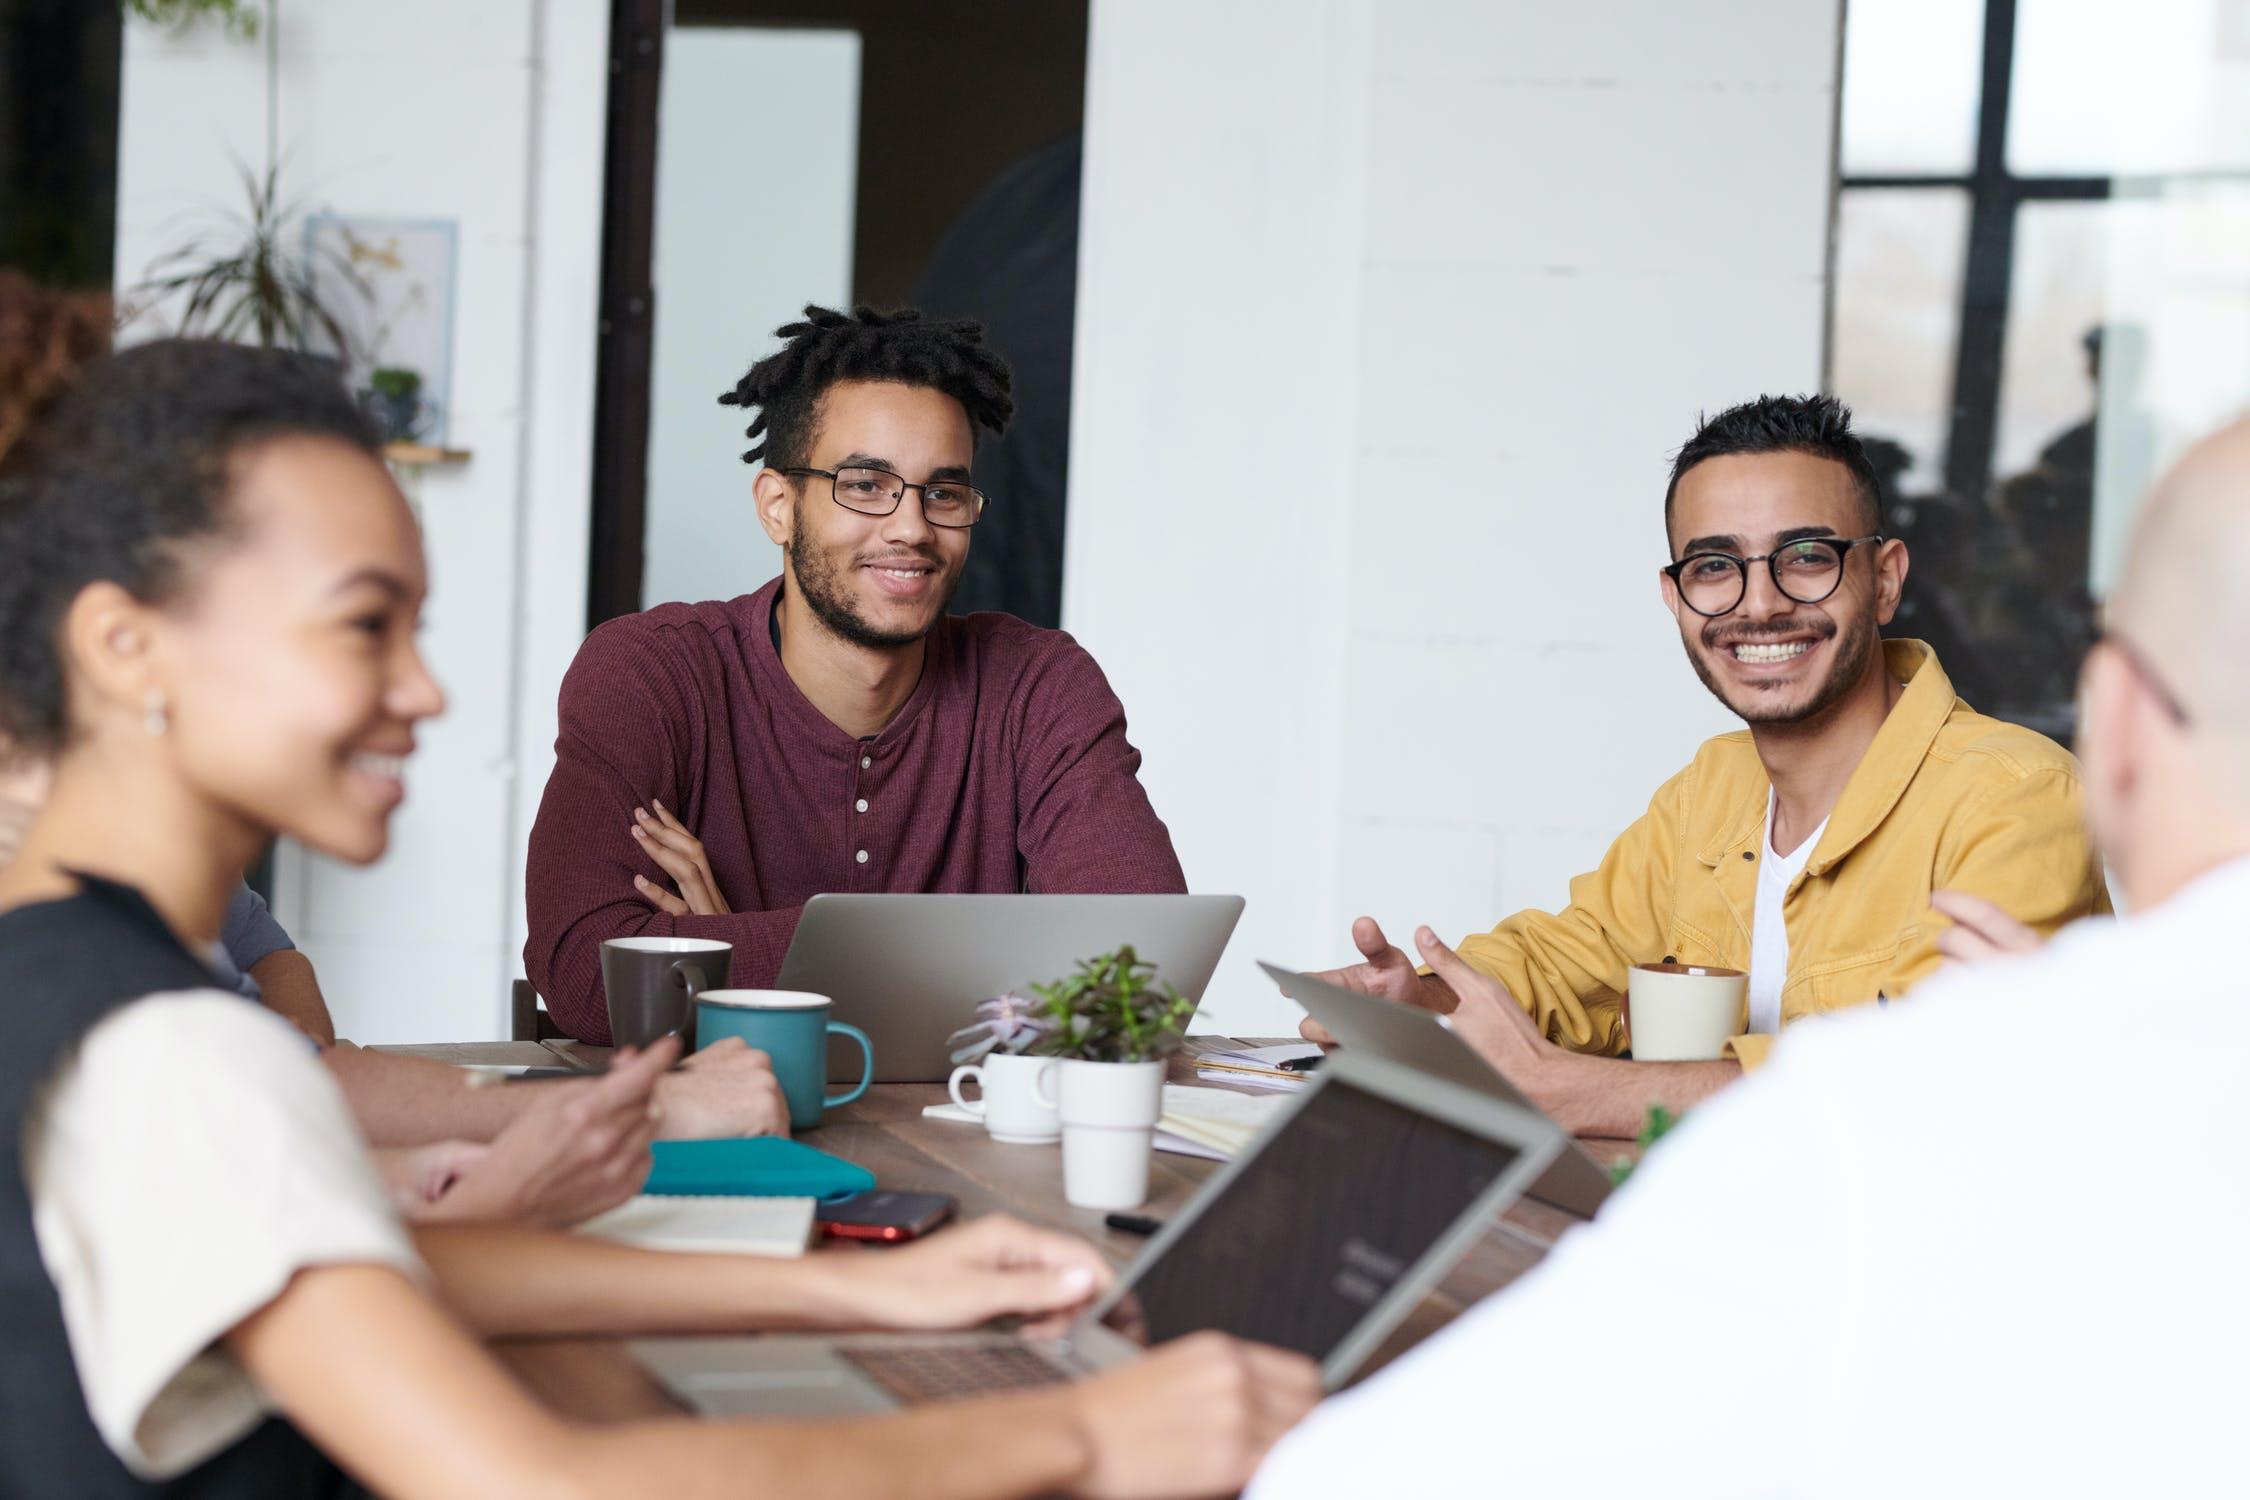 formacion-empresas-cowork-biworking-bilbao-oficinas